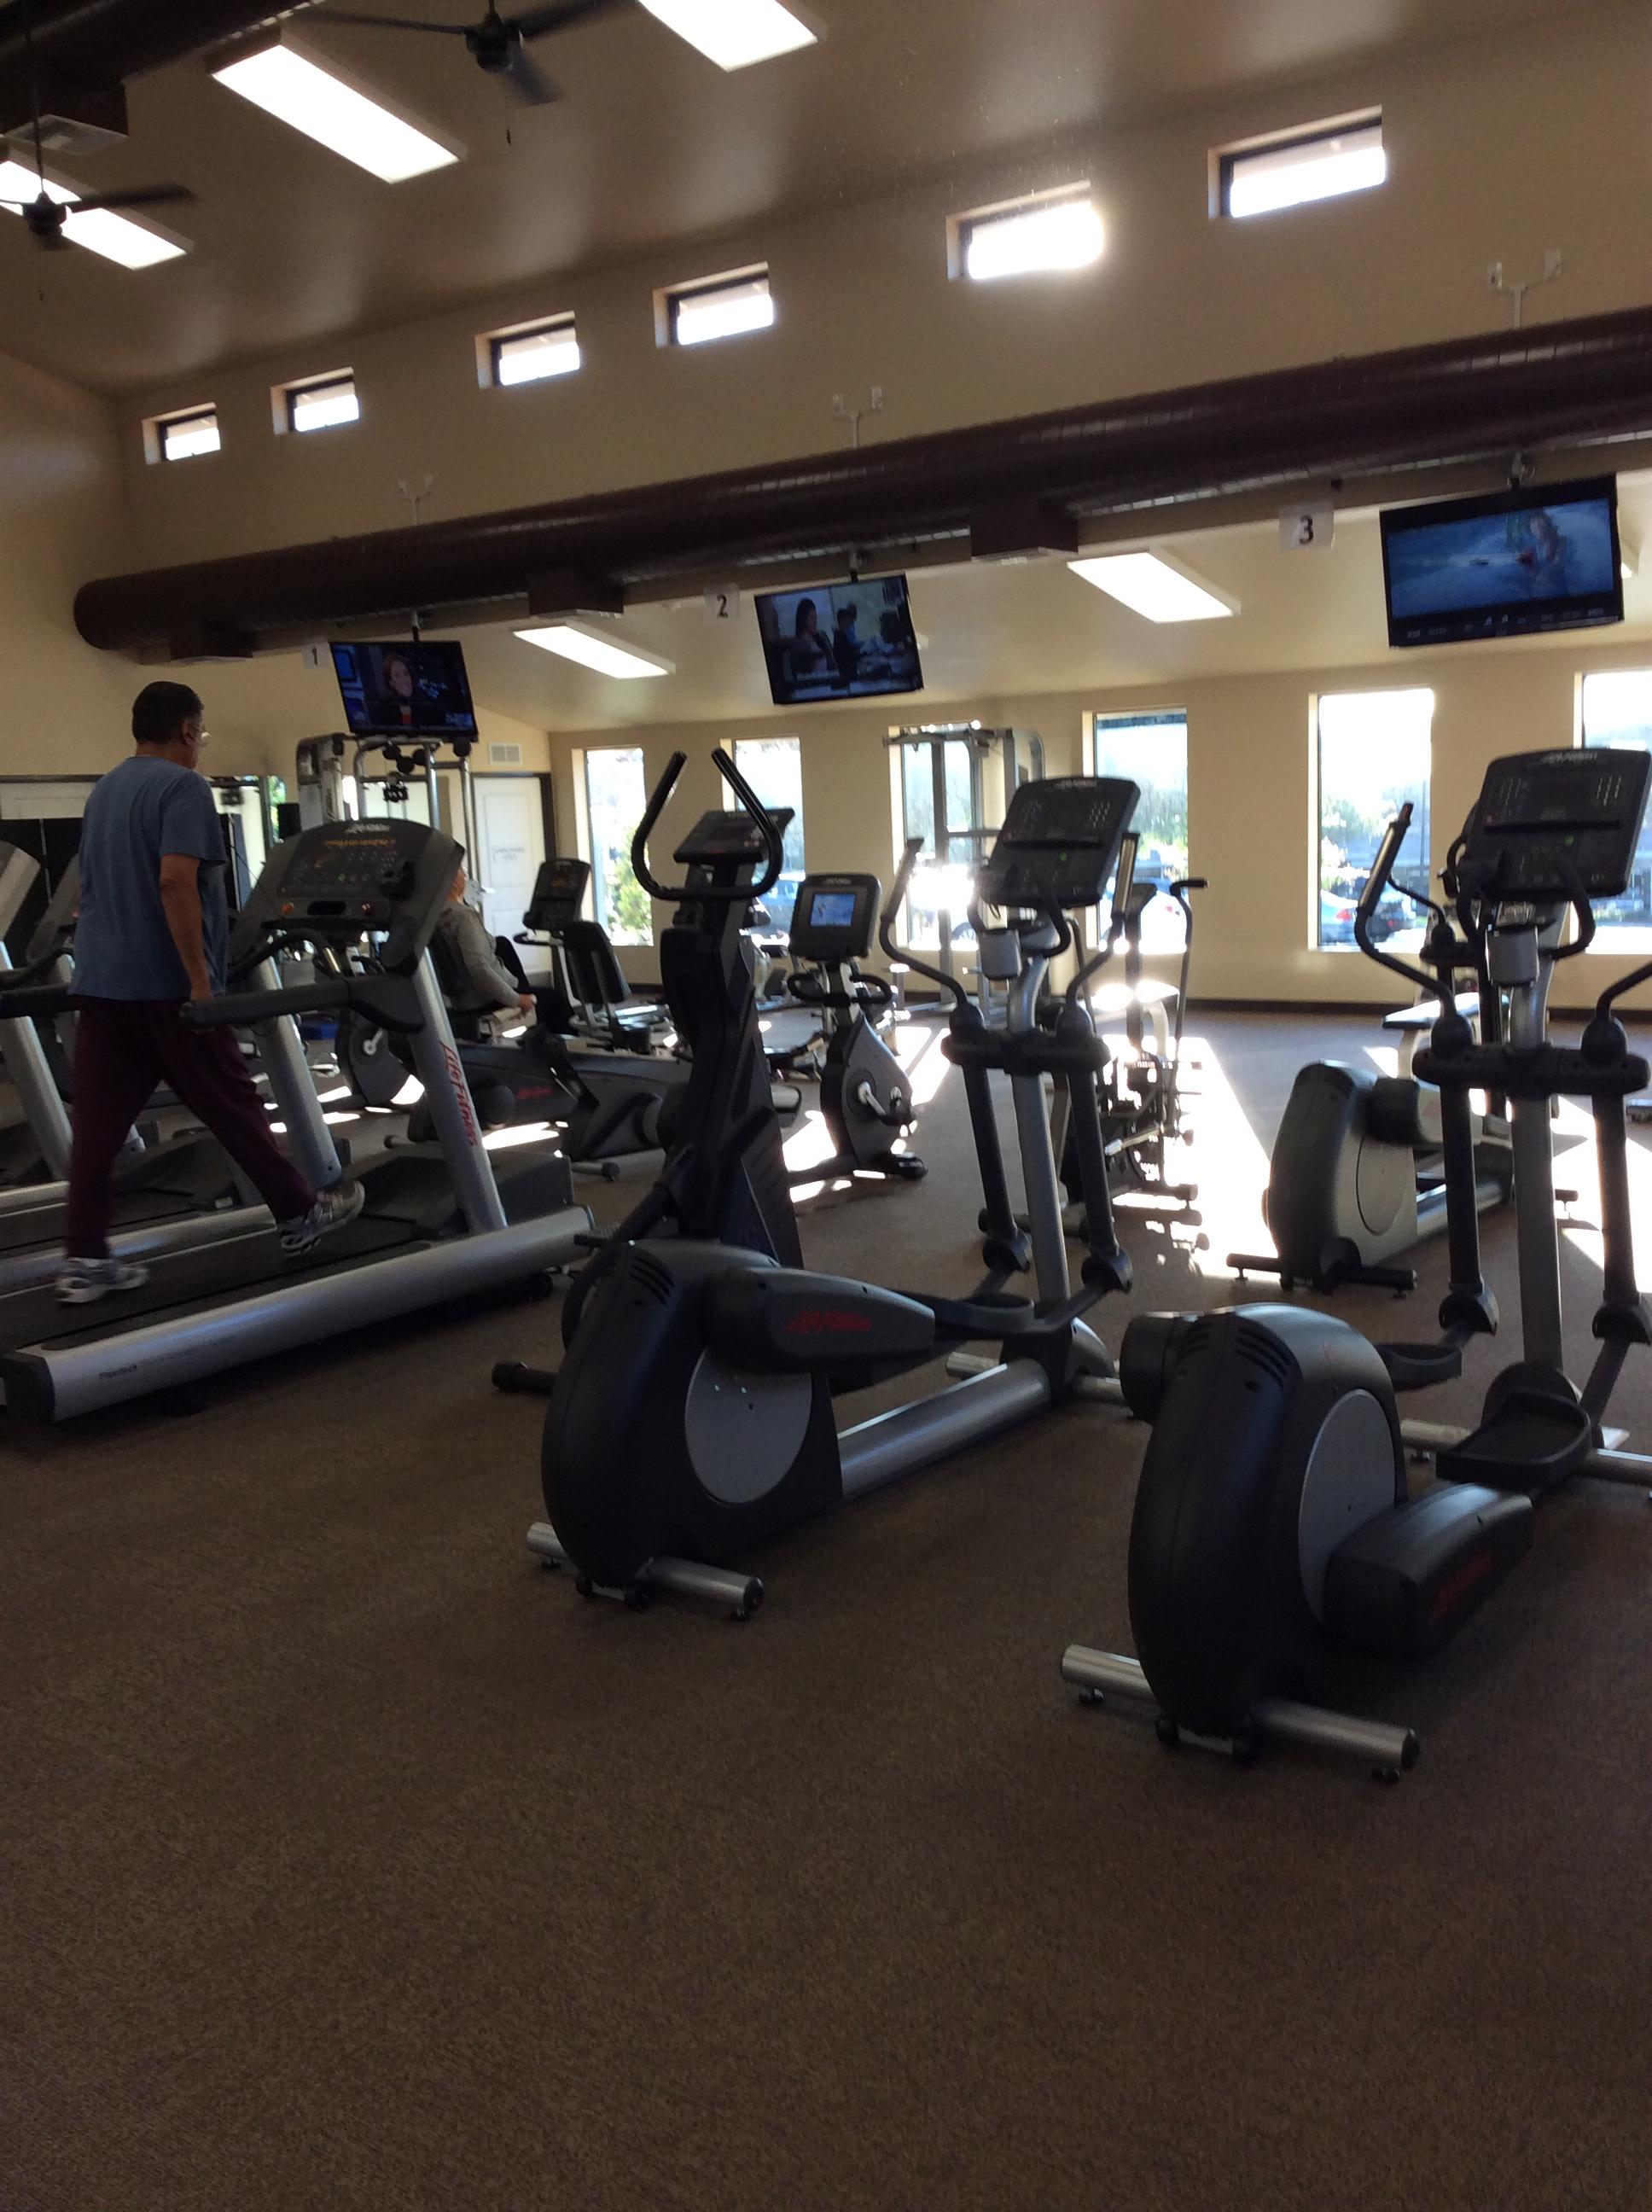 3 Fitness Center